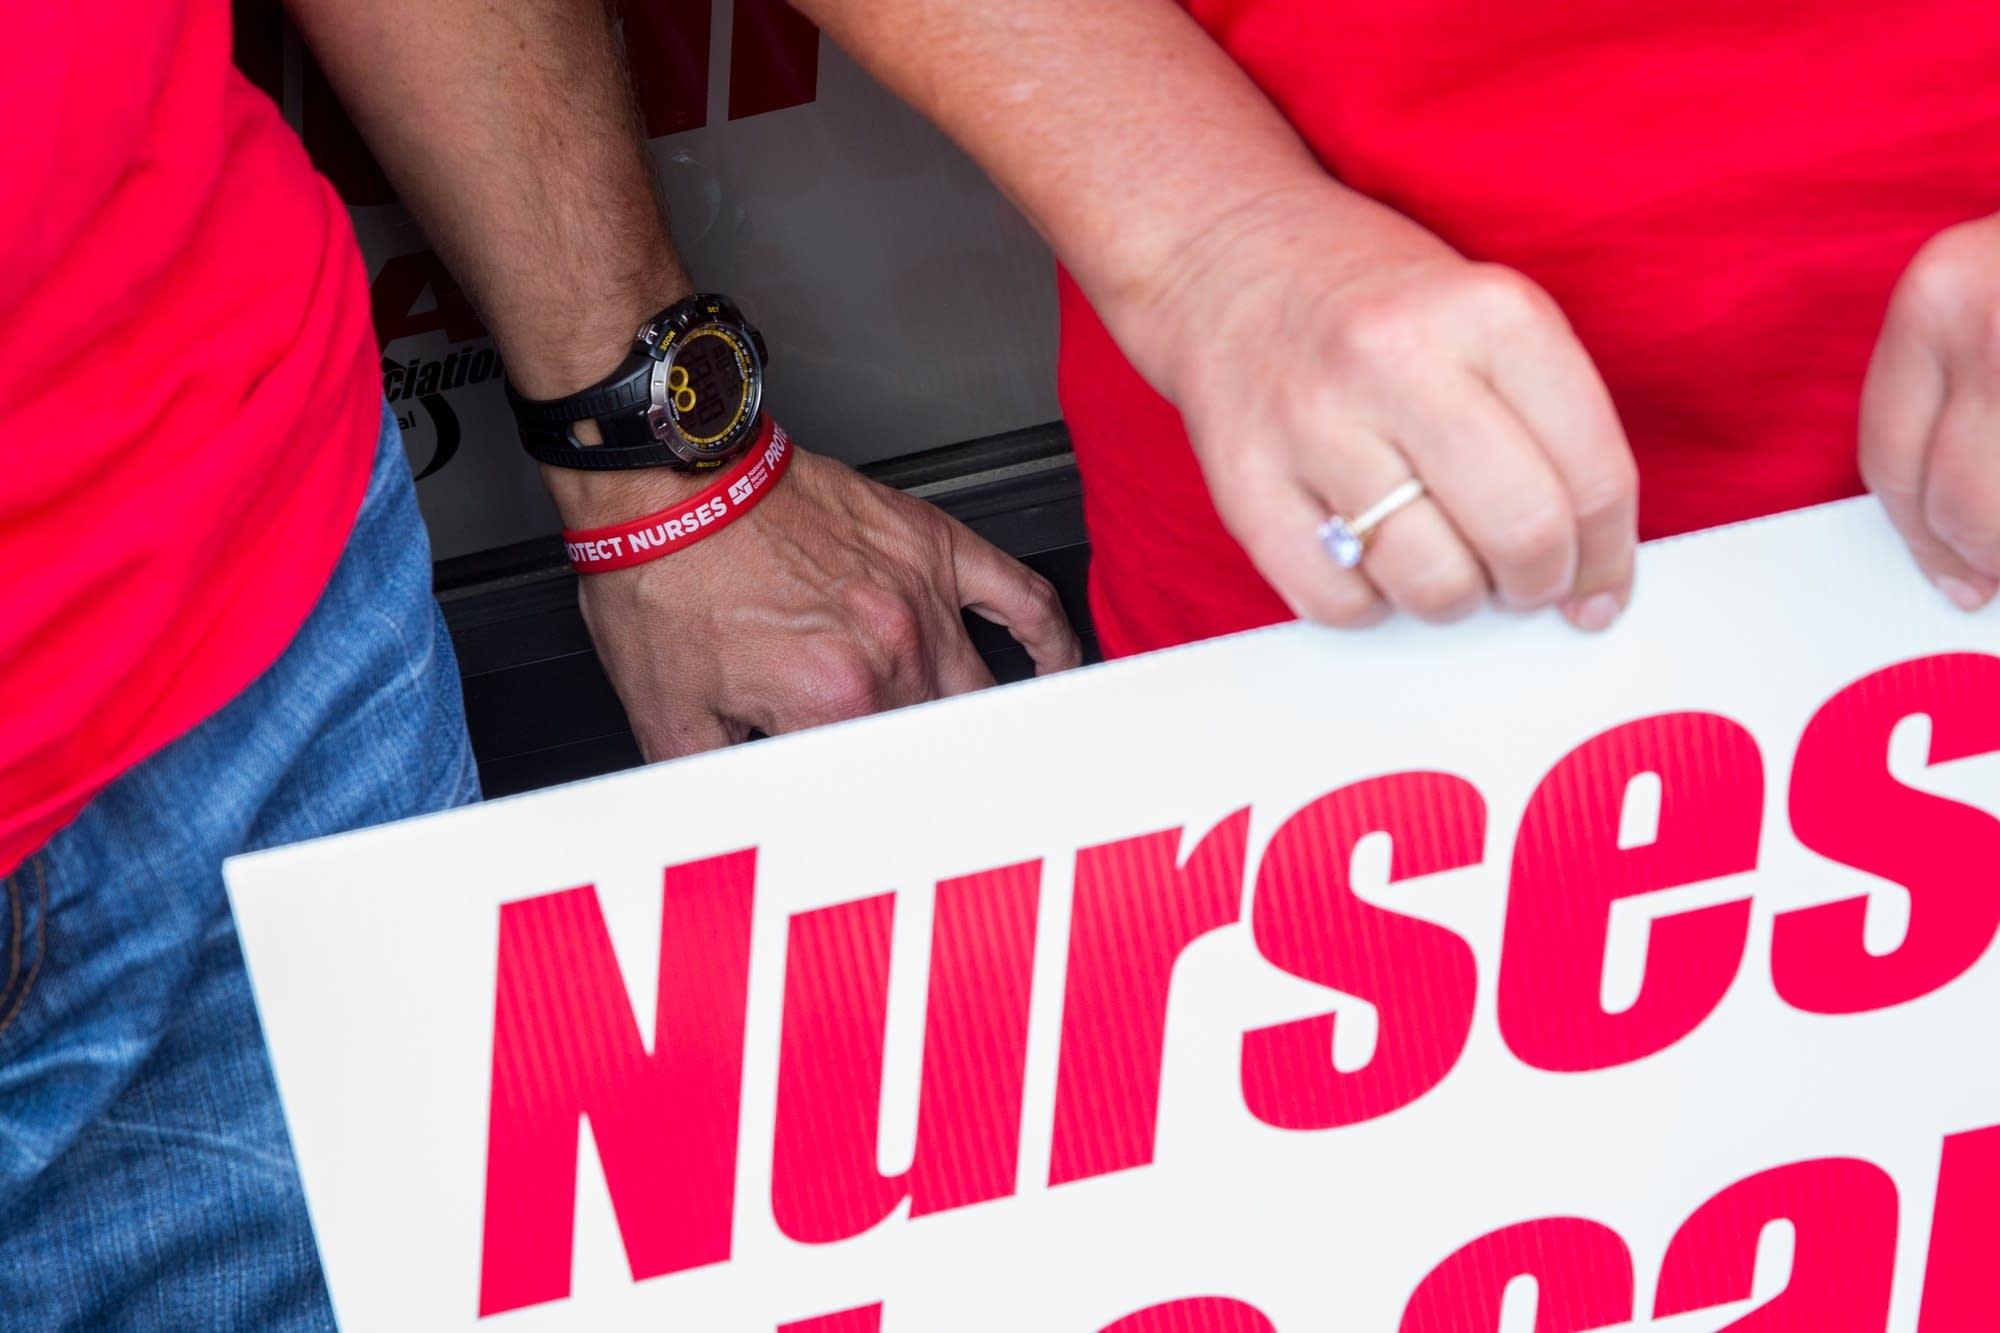 Nurses vote in St. Paul.